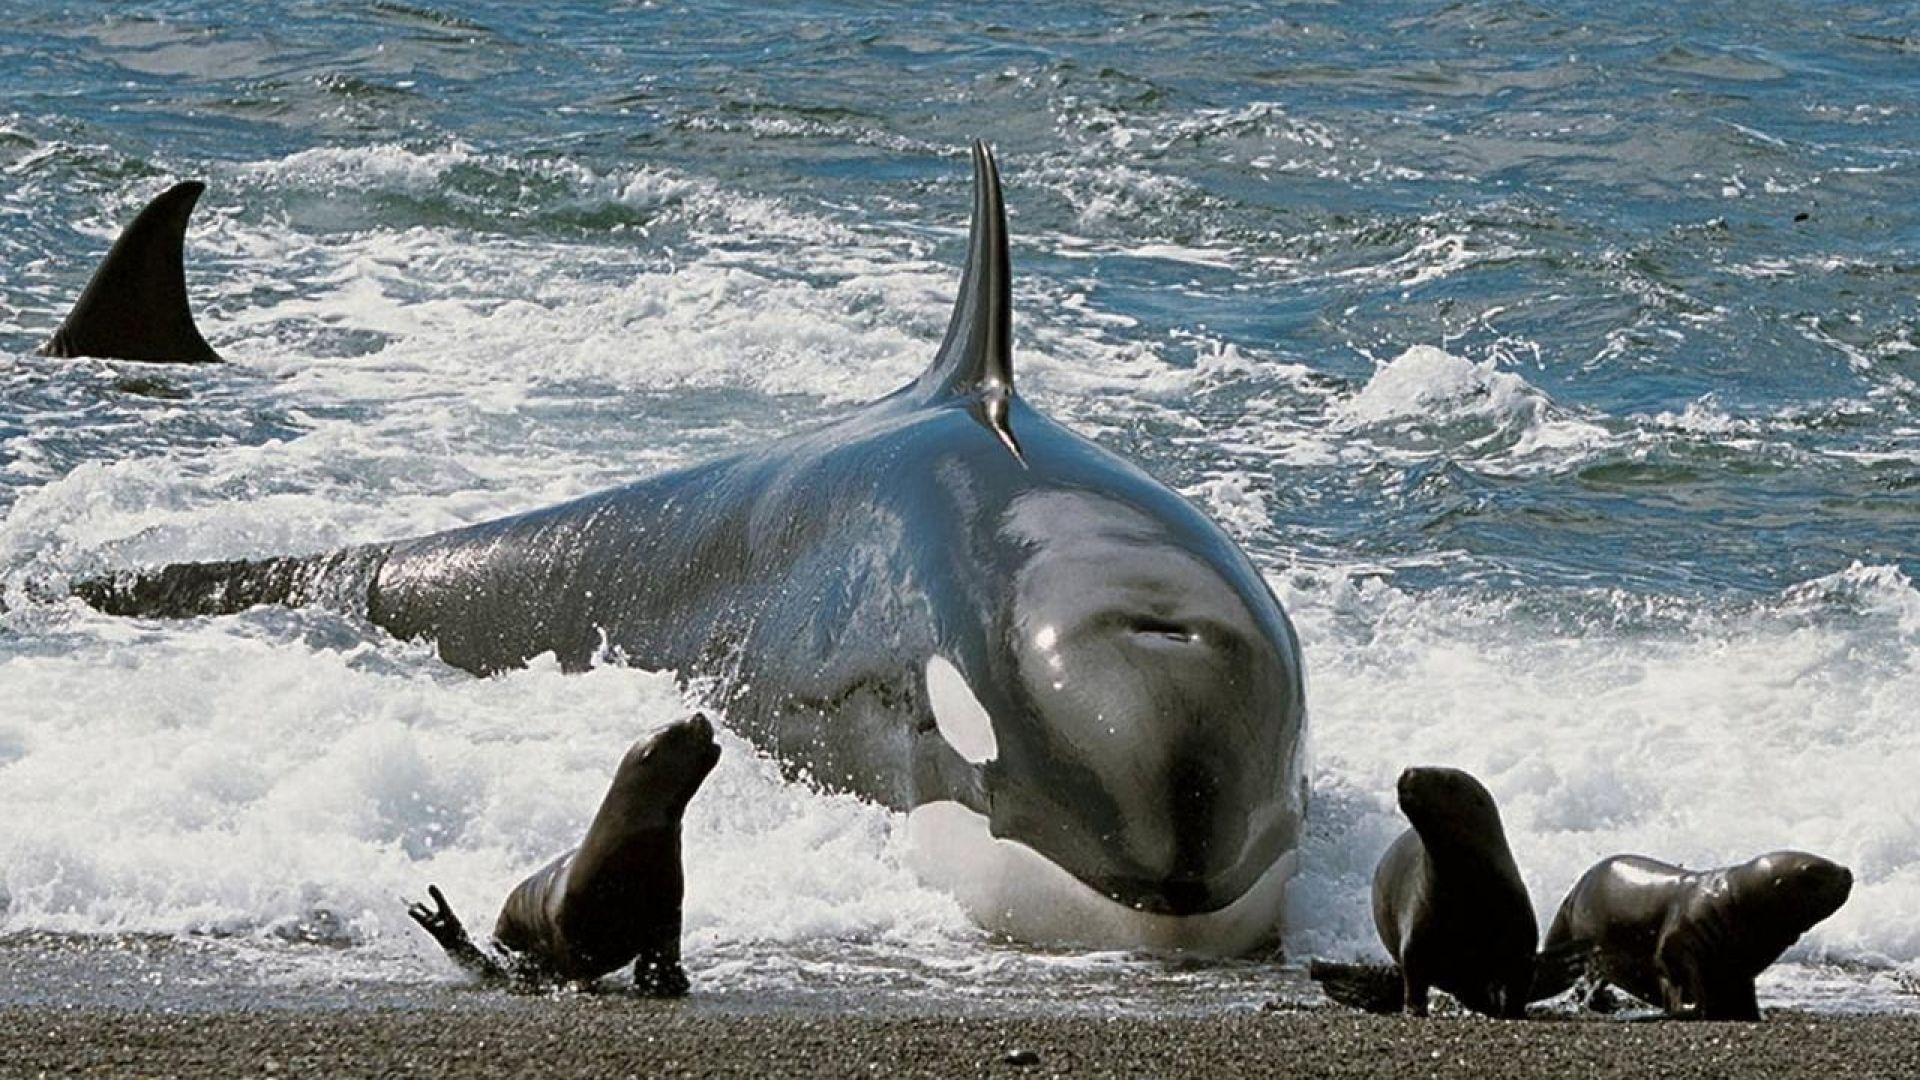 Океанът има своя нов върховен хищник